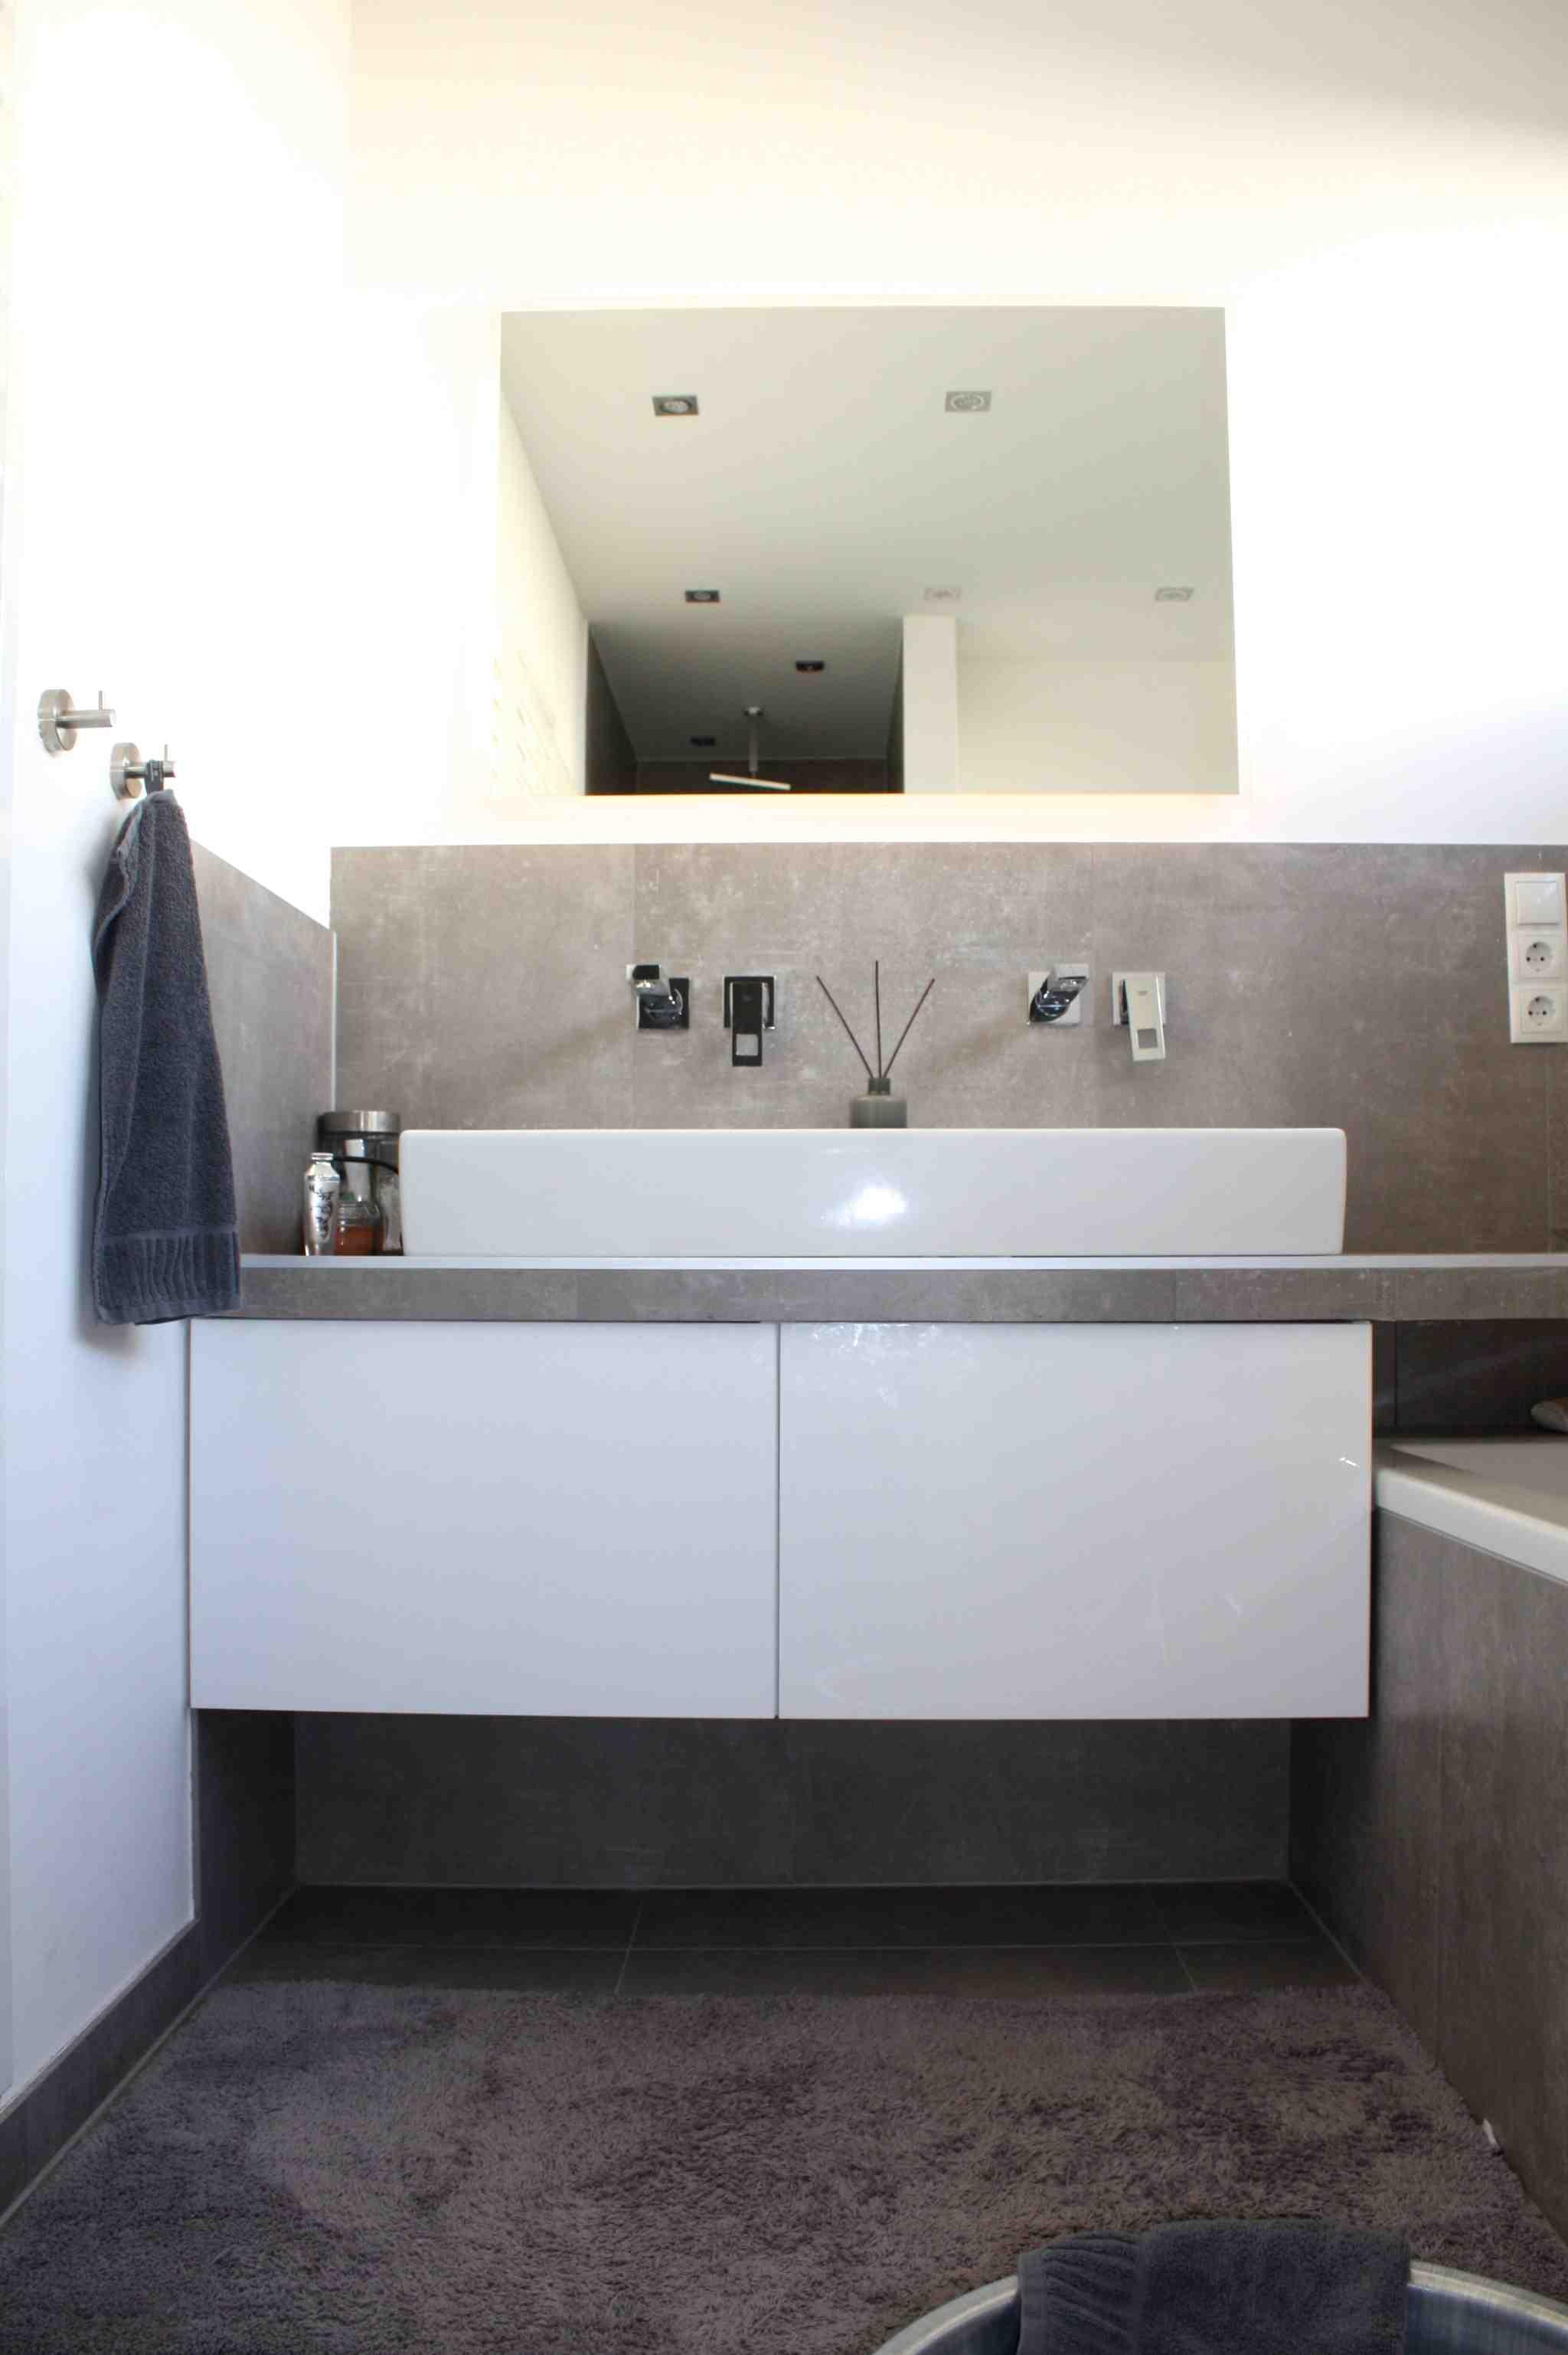 Doppelwaschbecken ikea  Ein Küchenschrank im Badezimmer | Bad-Umbau mit IKEA METOD Hack ...